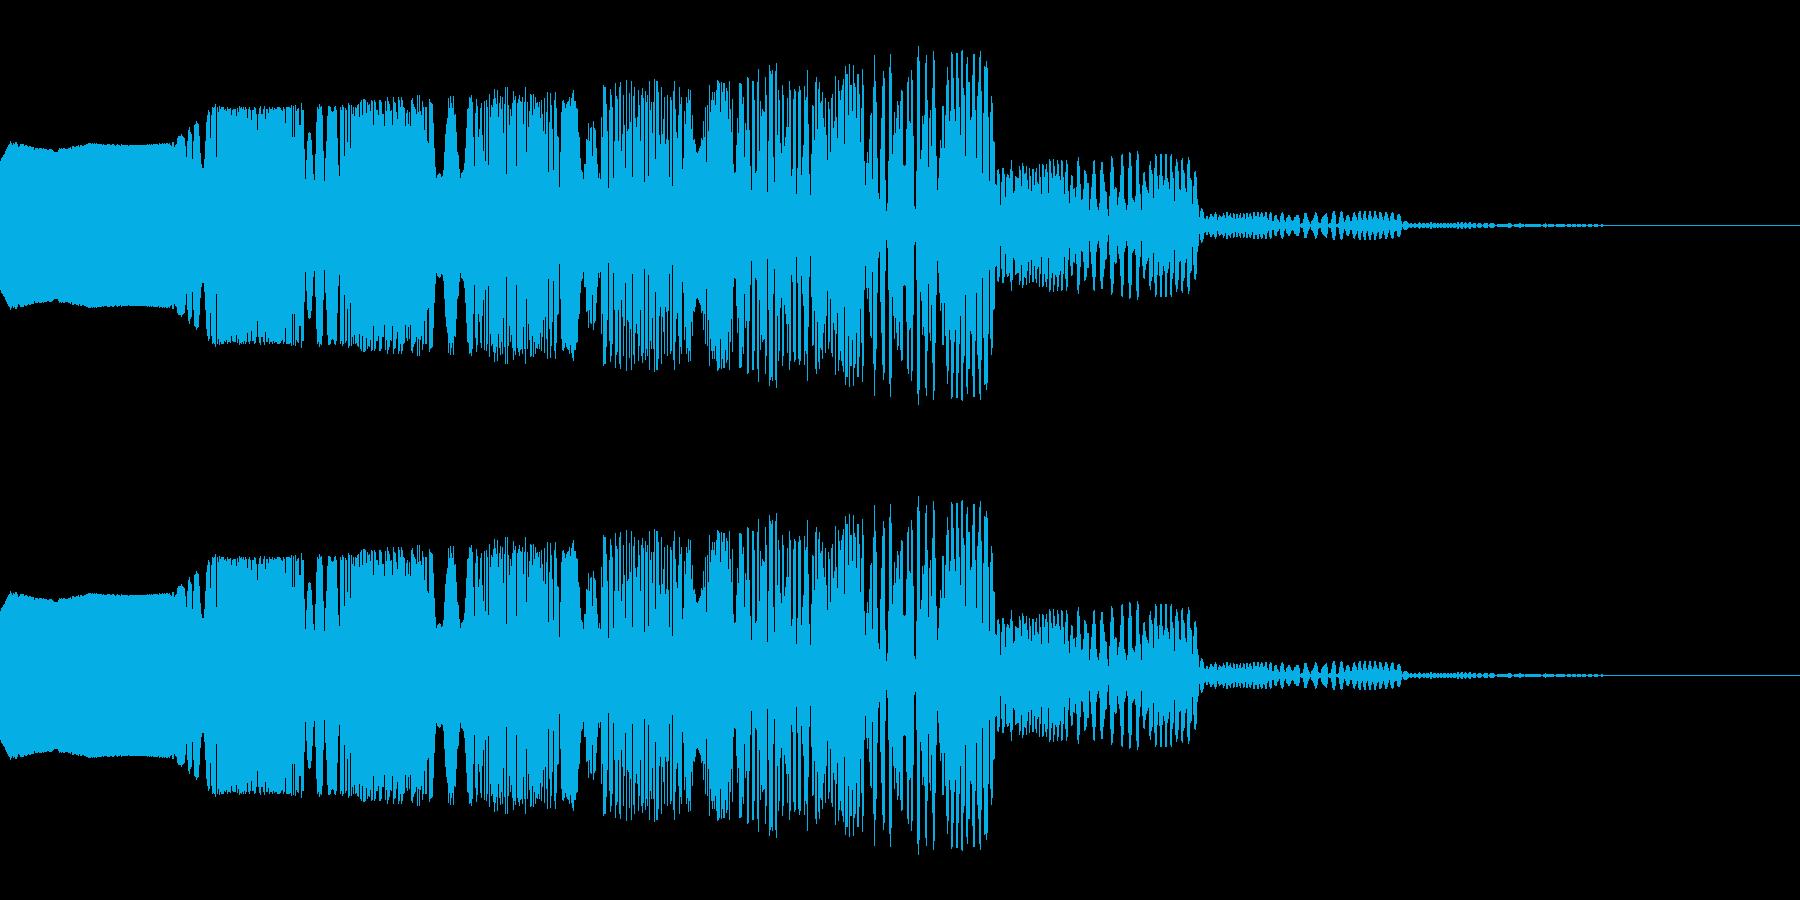 失敗して気分が落ち込むような音_03の再生済みの波形